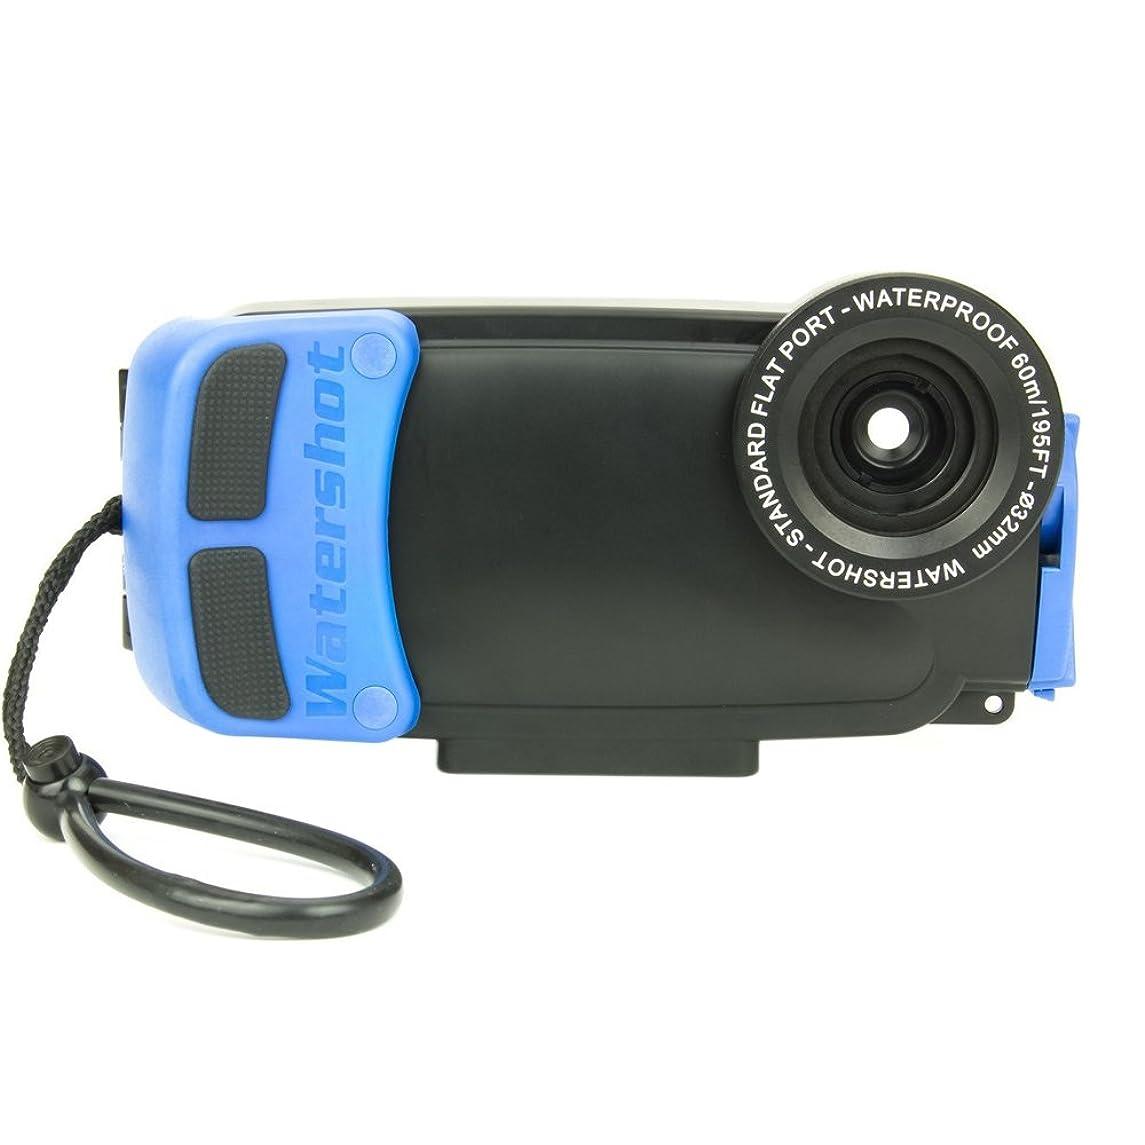 iPhone 6 Underwater Waterproof Housing/Case KIT by Watershot PRO Line